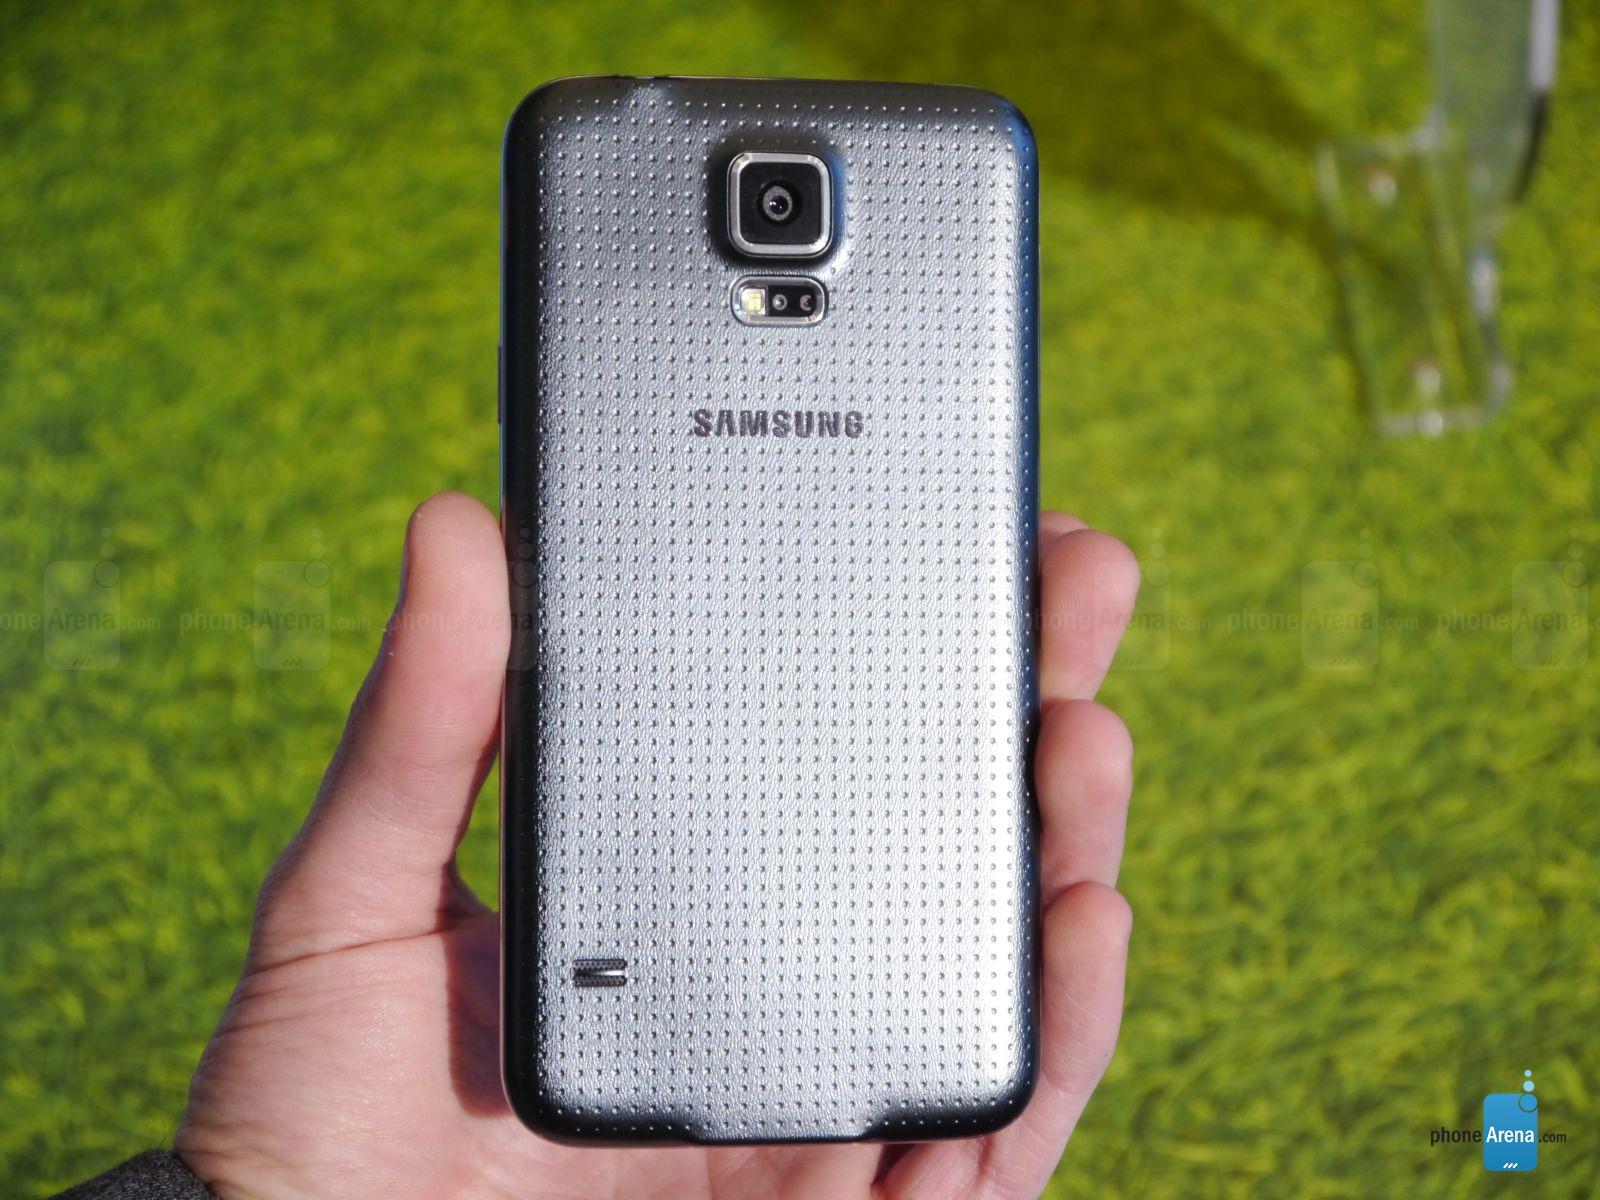 Trên tay Galaxy S5 - Siêu phẩm đến từ Samsung 8